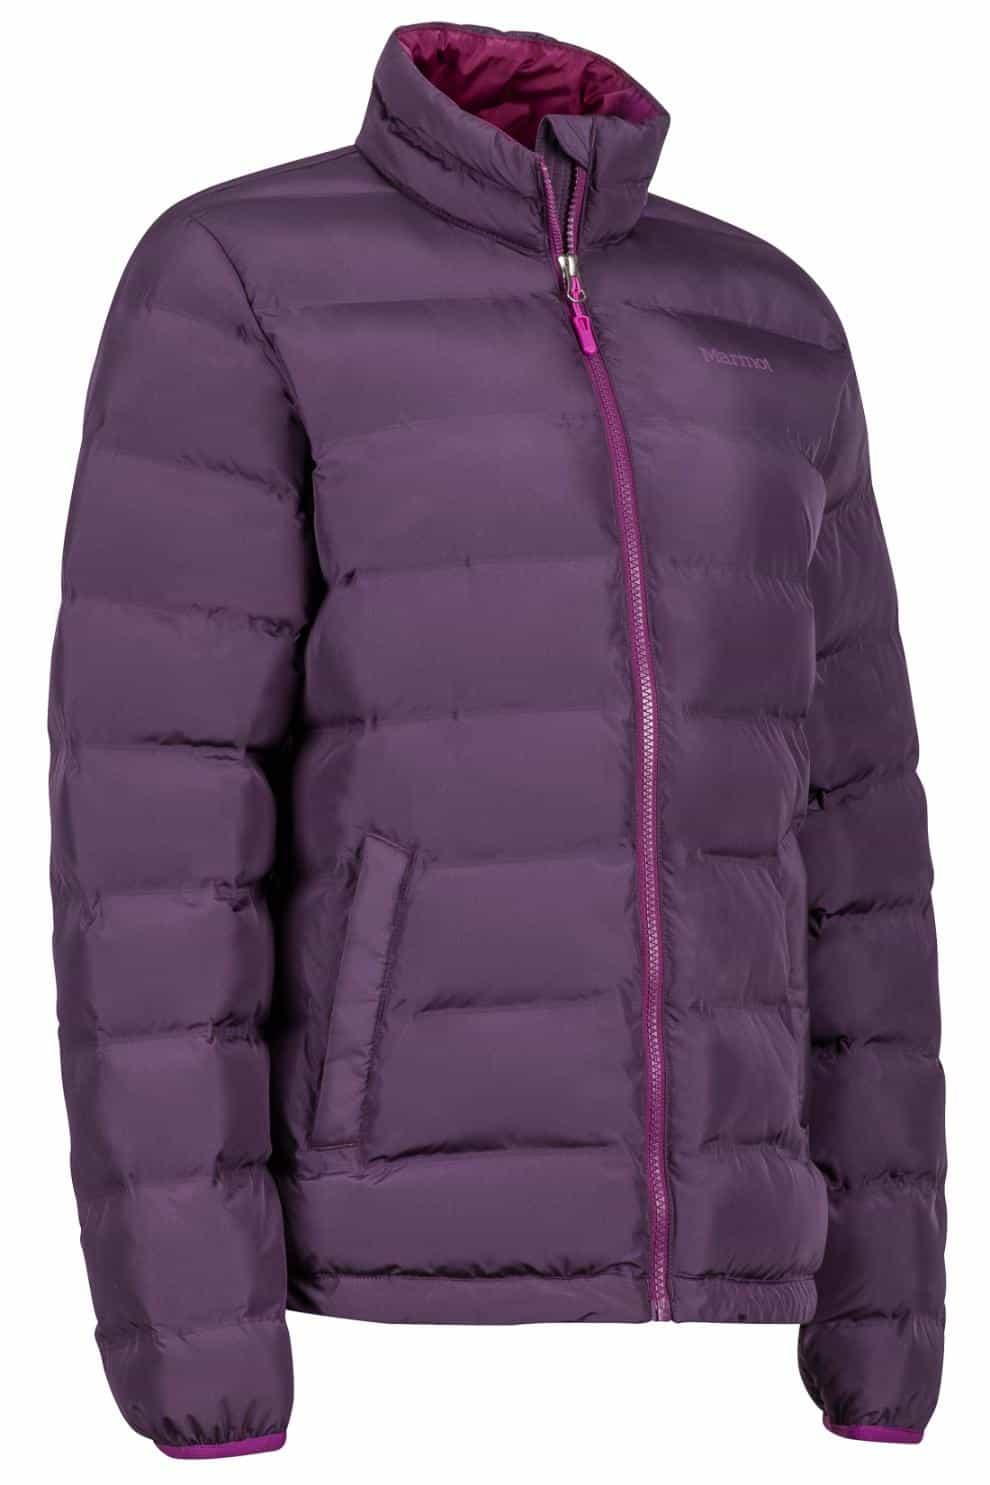 Marmot-Alassian Featherless Jacket - Women's